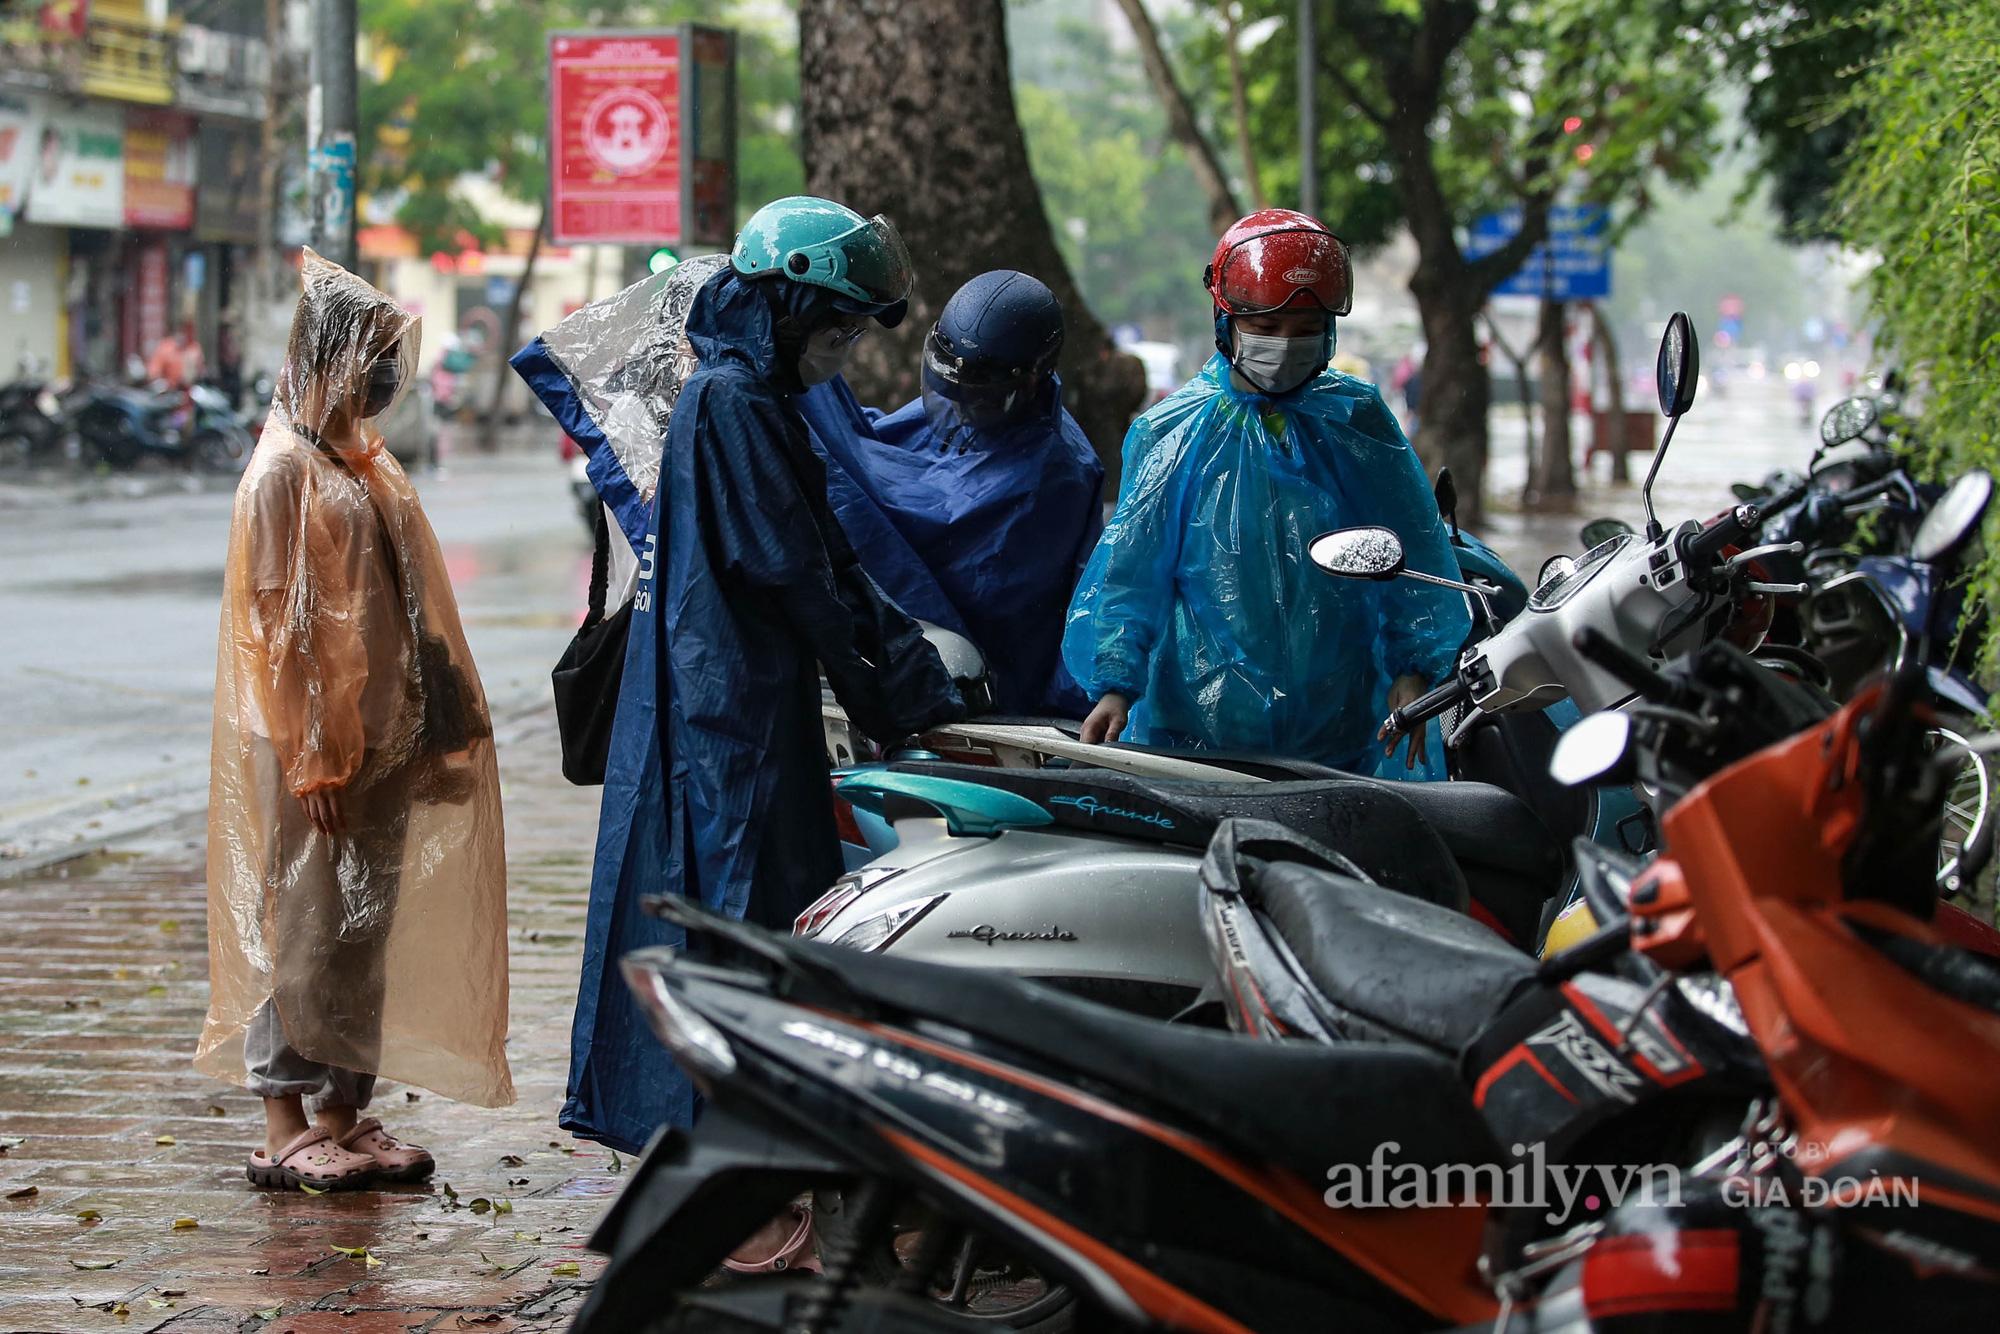 Sĩ tử Hà Nội cùng phụ huynh đội mưa đi lễ cầu may trước ngày thi vào lớp 10-3